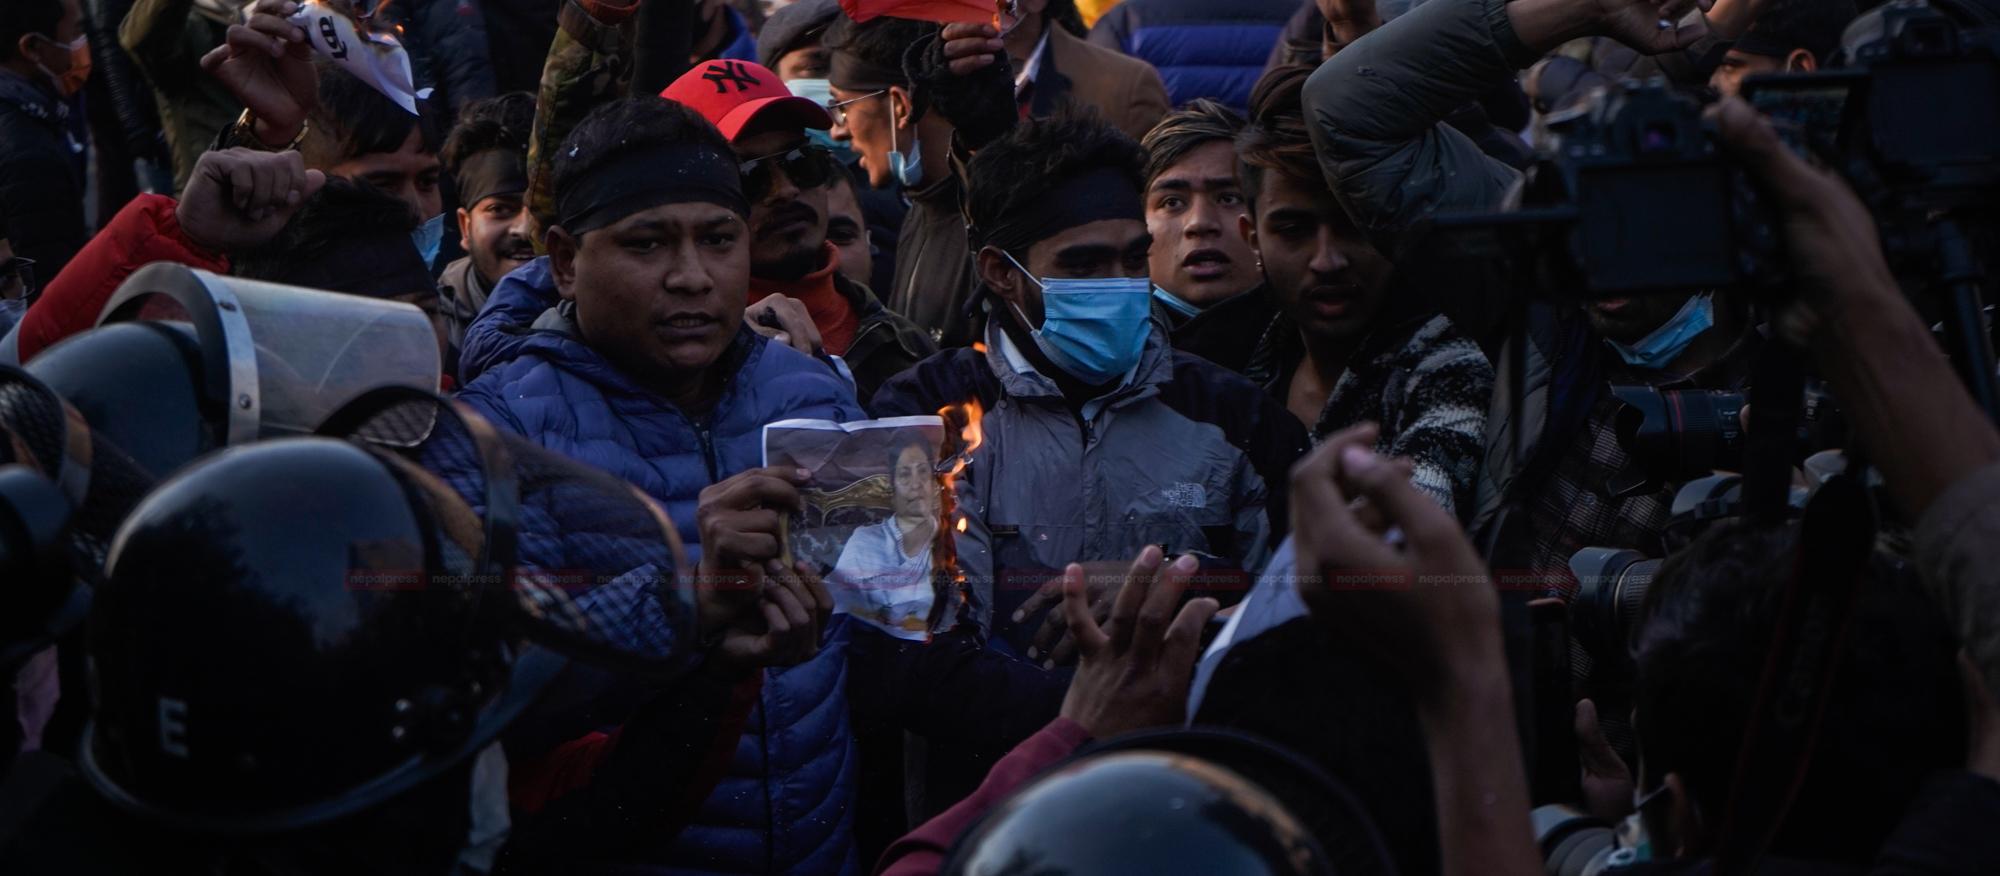 संसद विघटनको विरोधमा प्रदर्शन (फोटो फिचर)